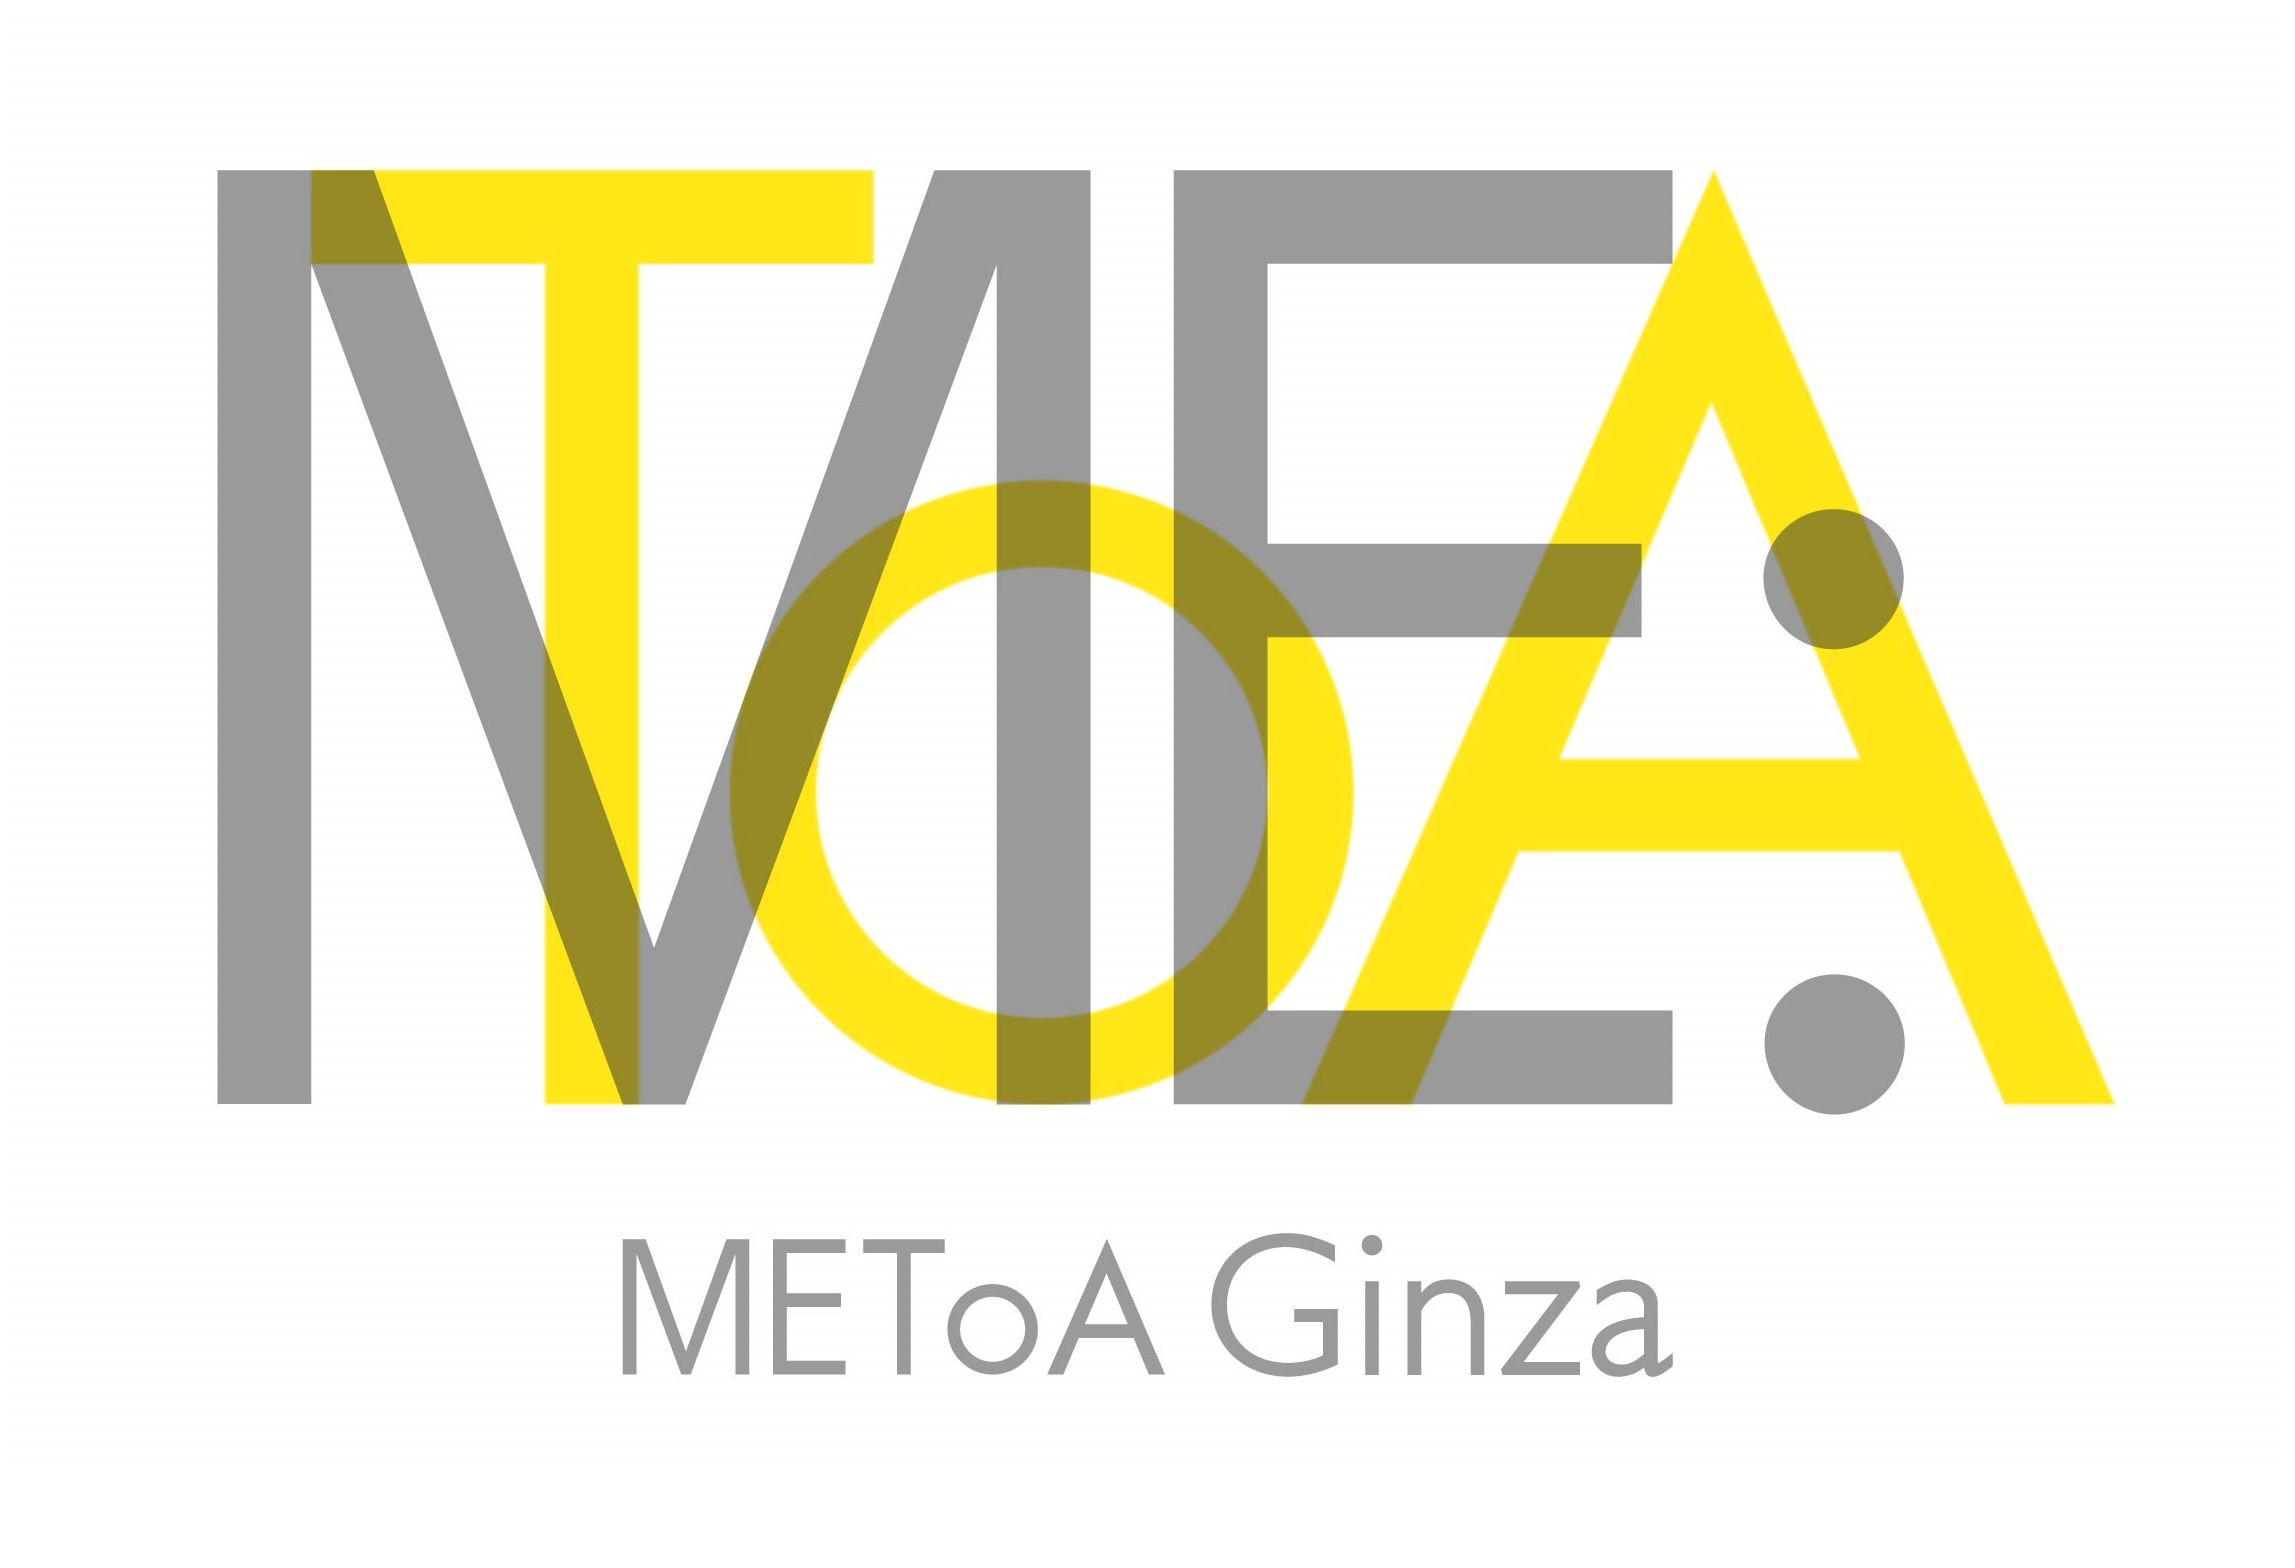 metoa_logo-余白追加